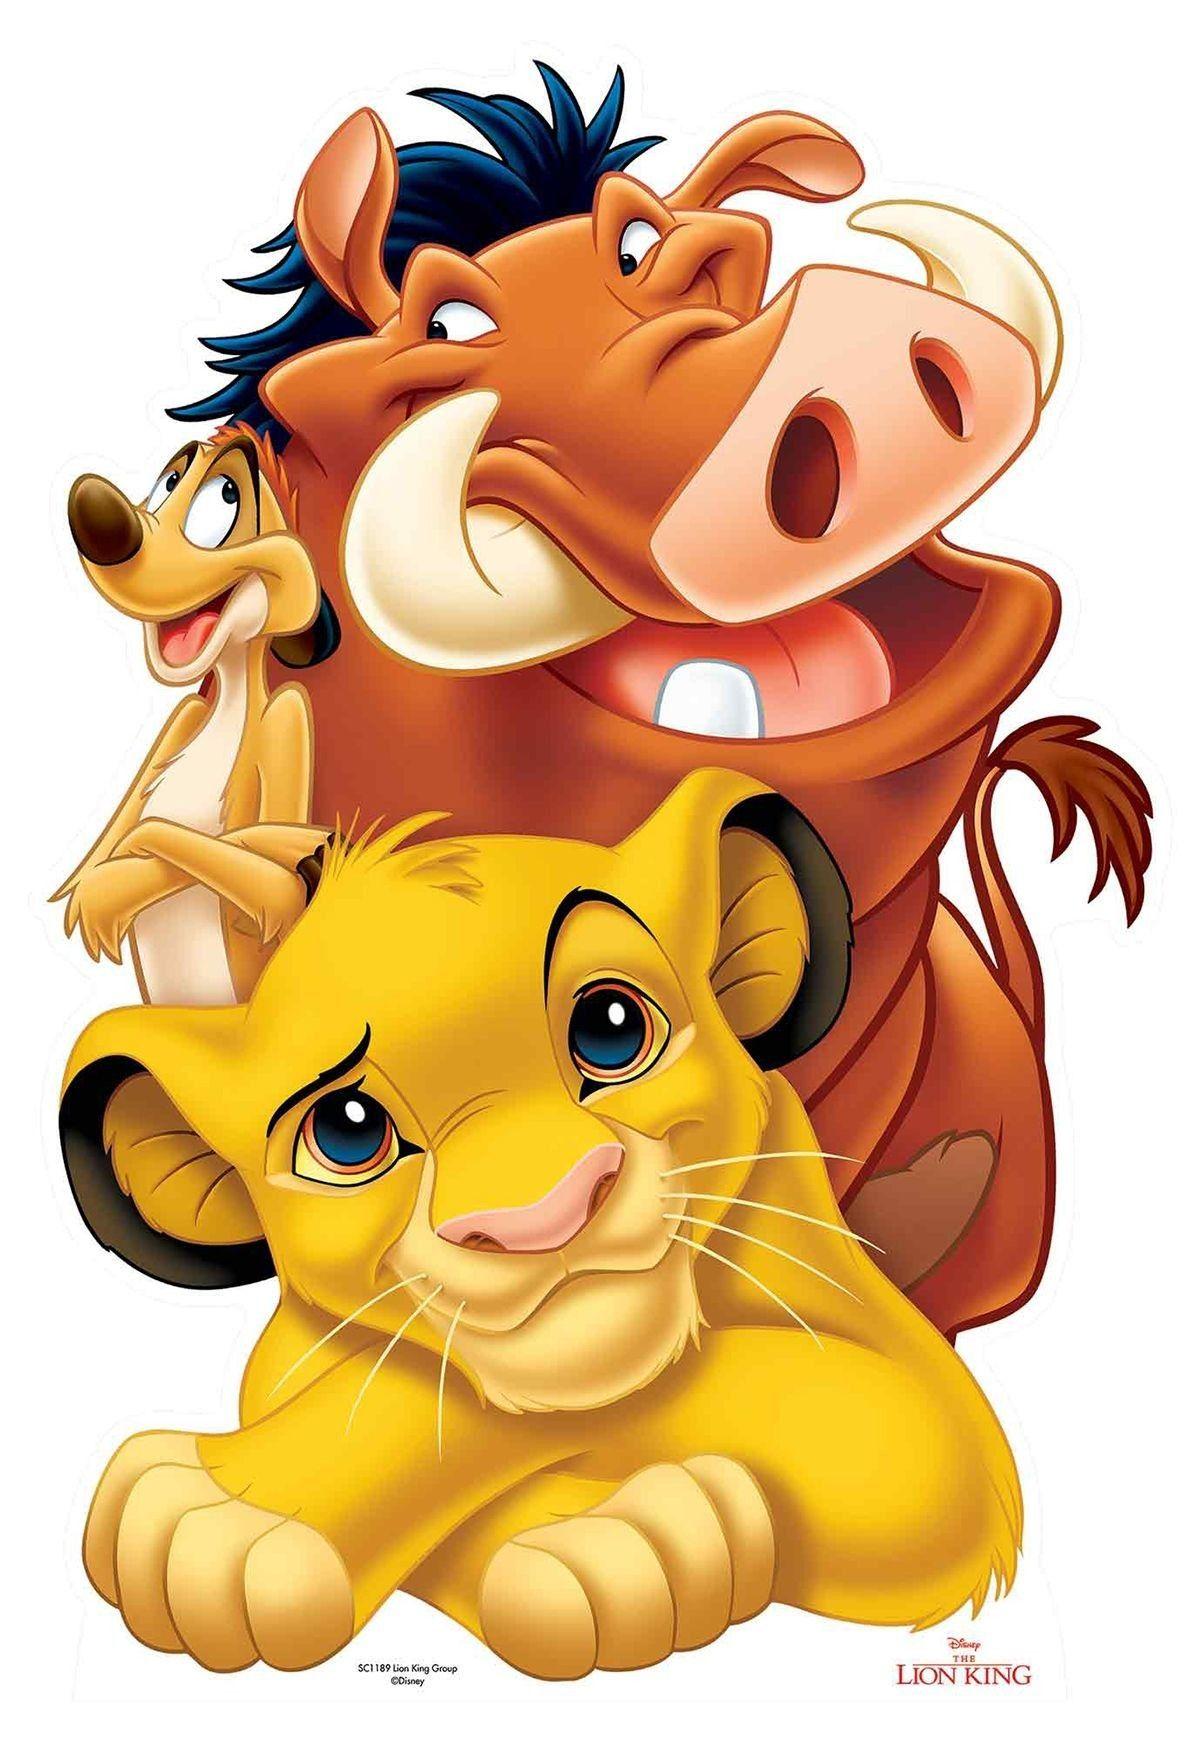 Pin De Flor Janet Gallegos Munoz Em Disney Rei Leao Filme